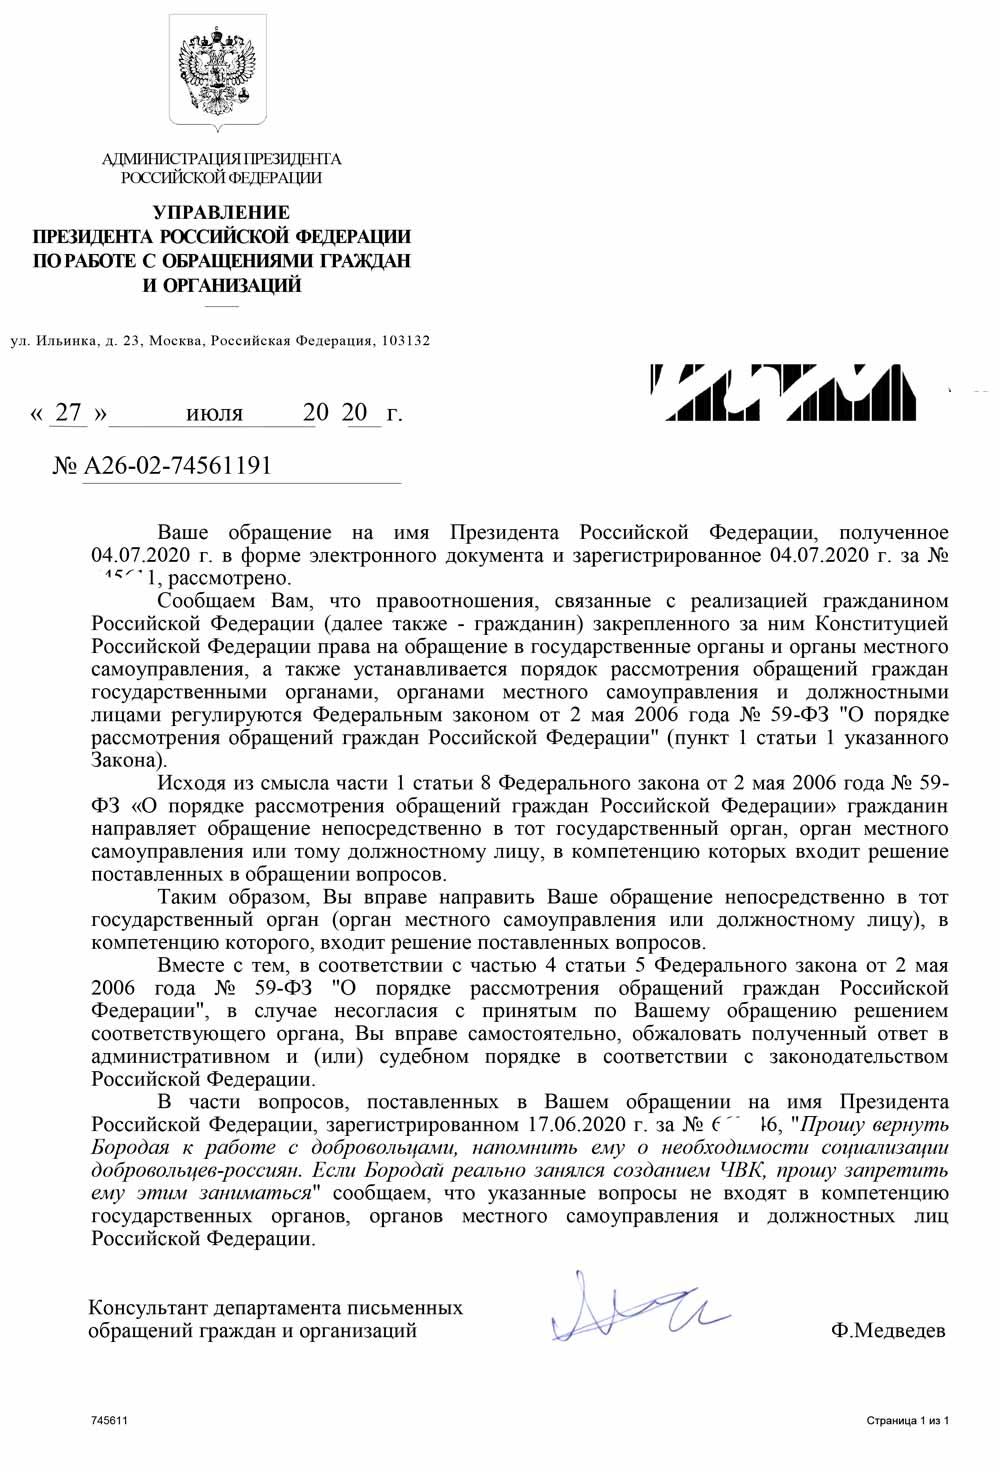 Кремль отказался запрещать Бородаю создавать ЧВК